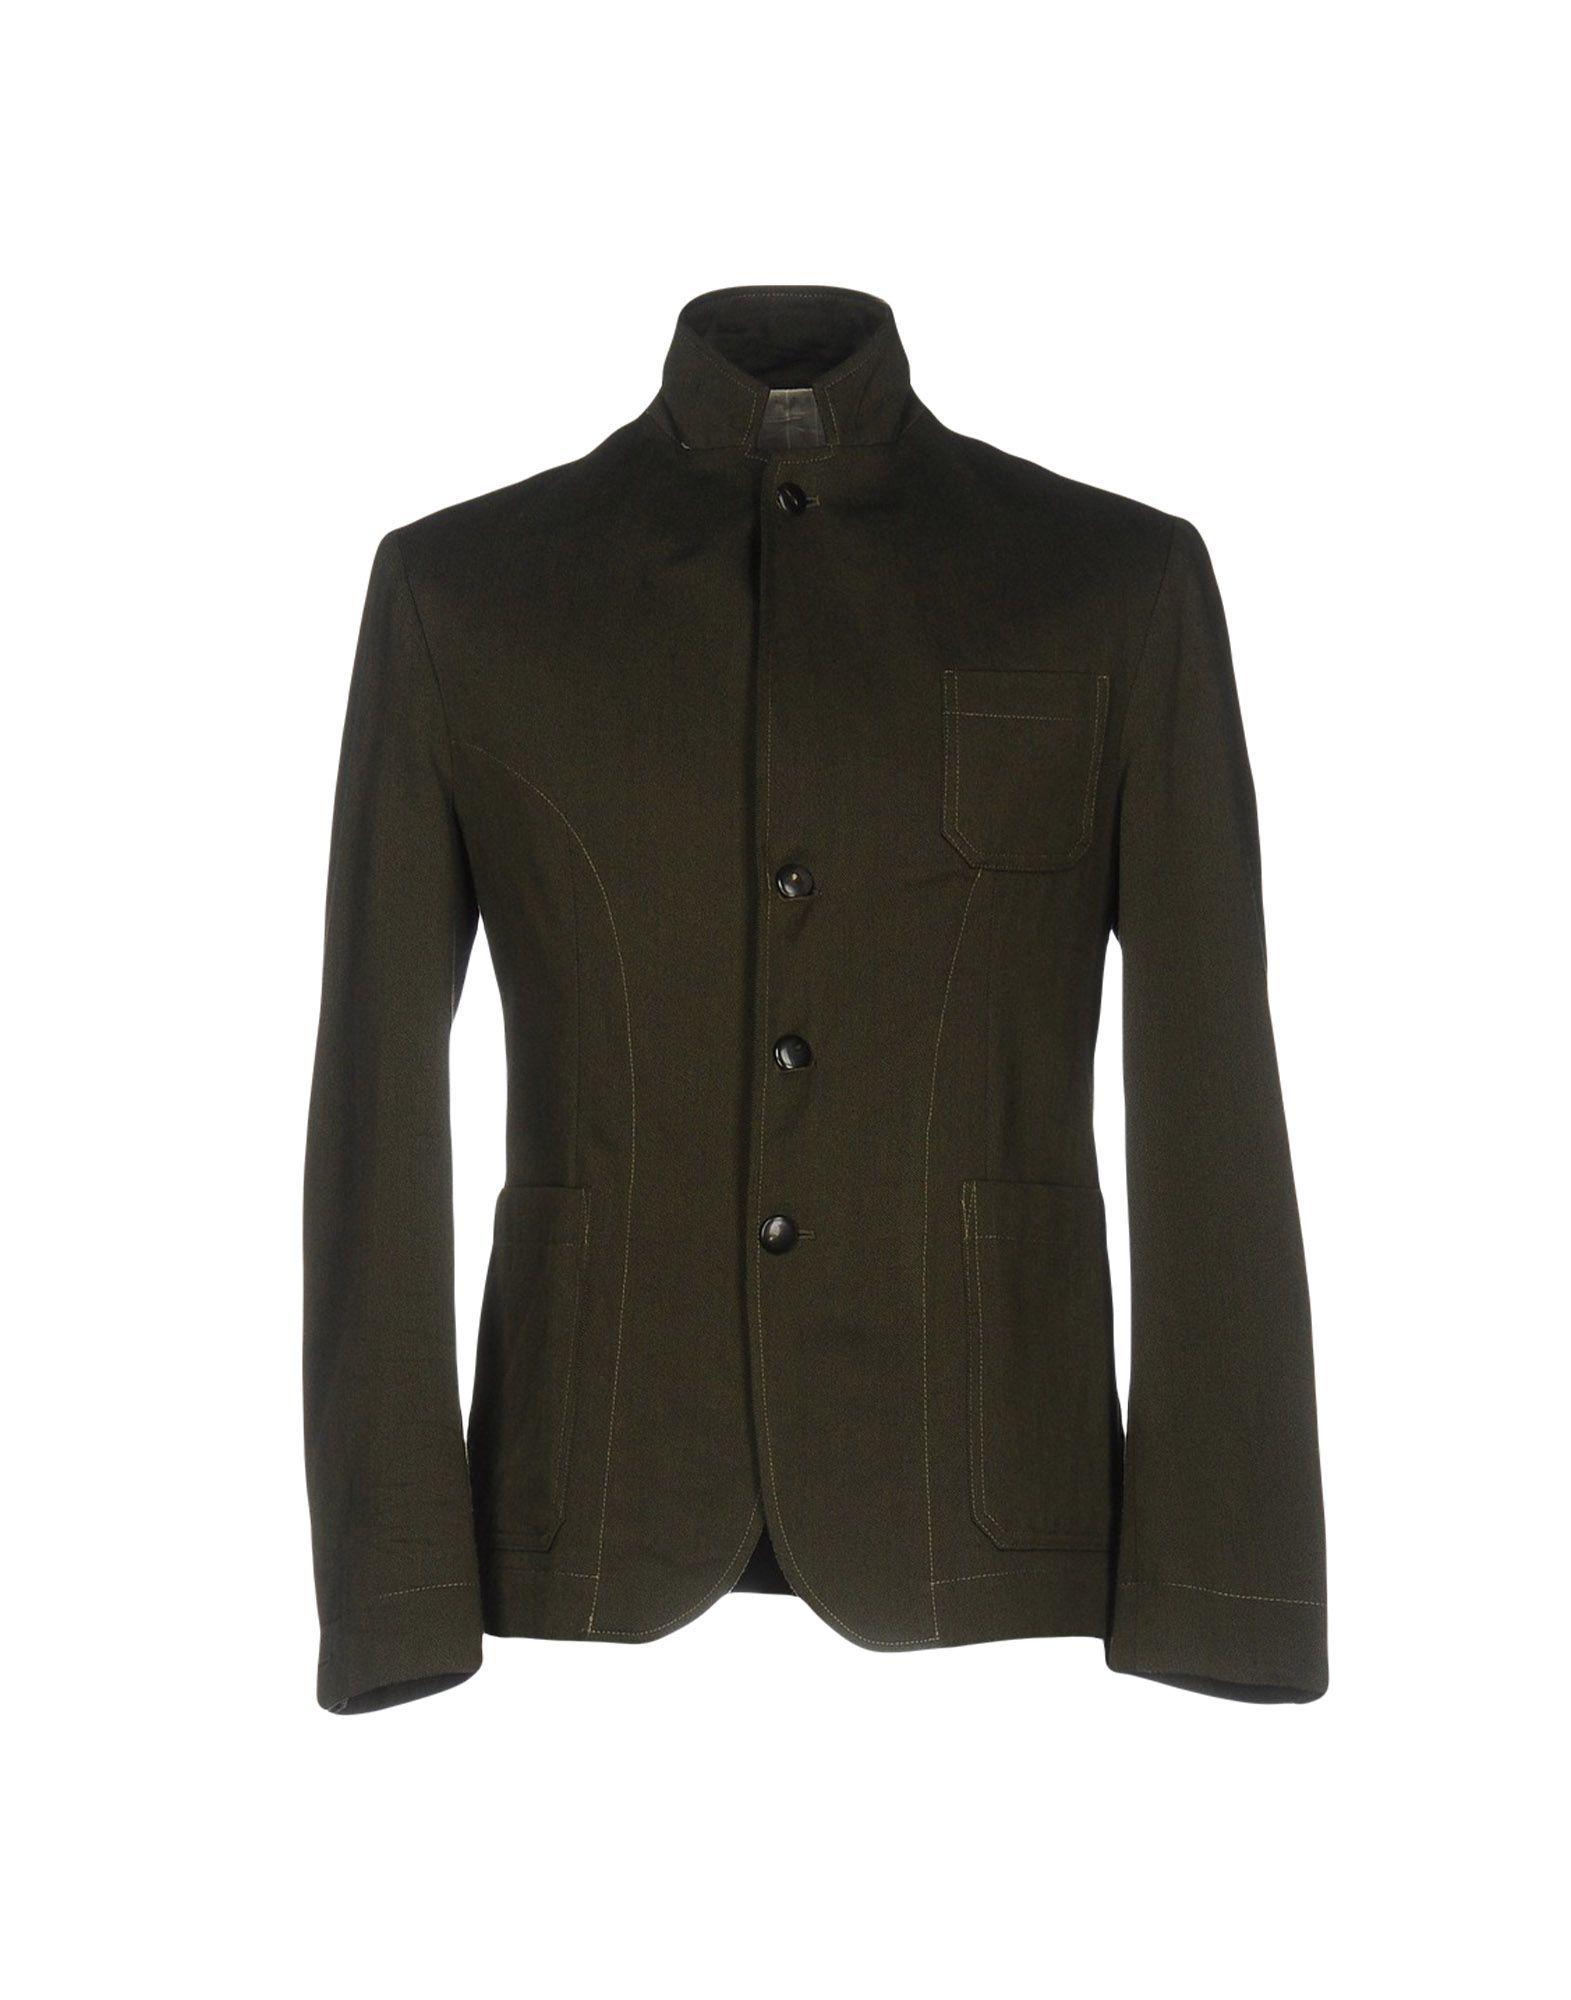 Gerard Dark Green Wool Jacket